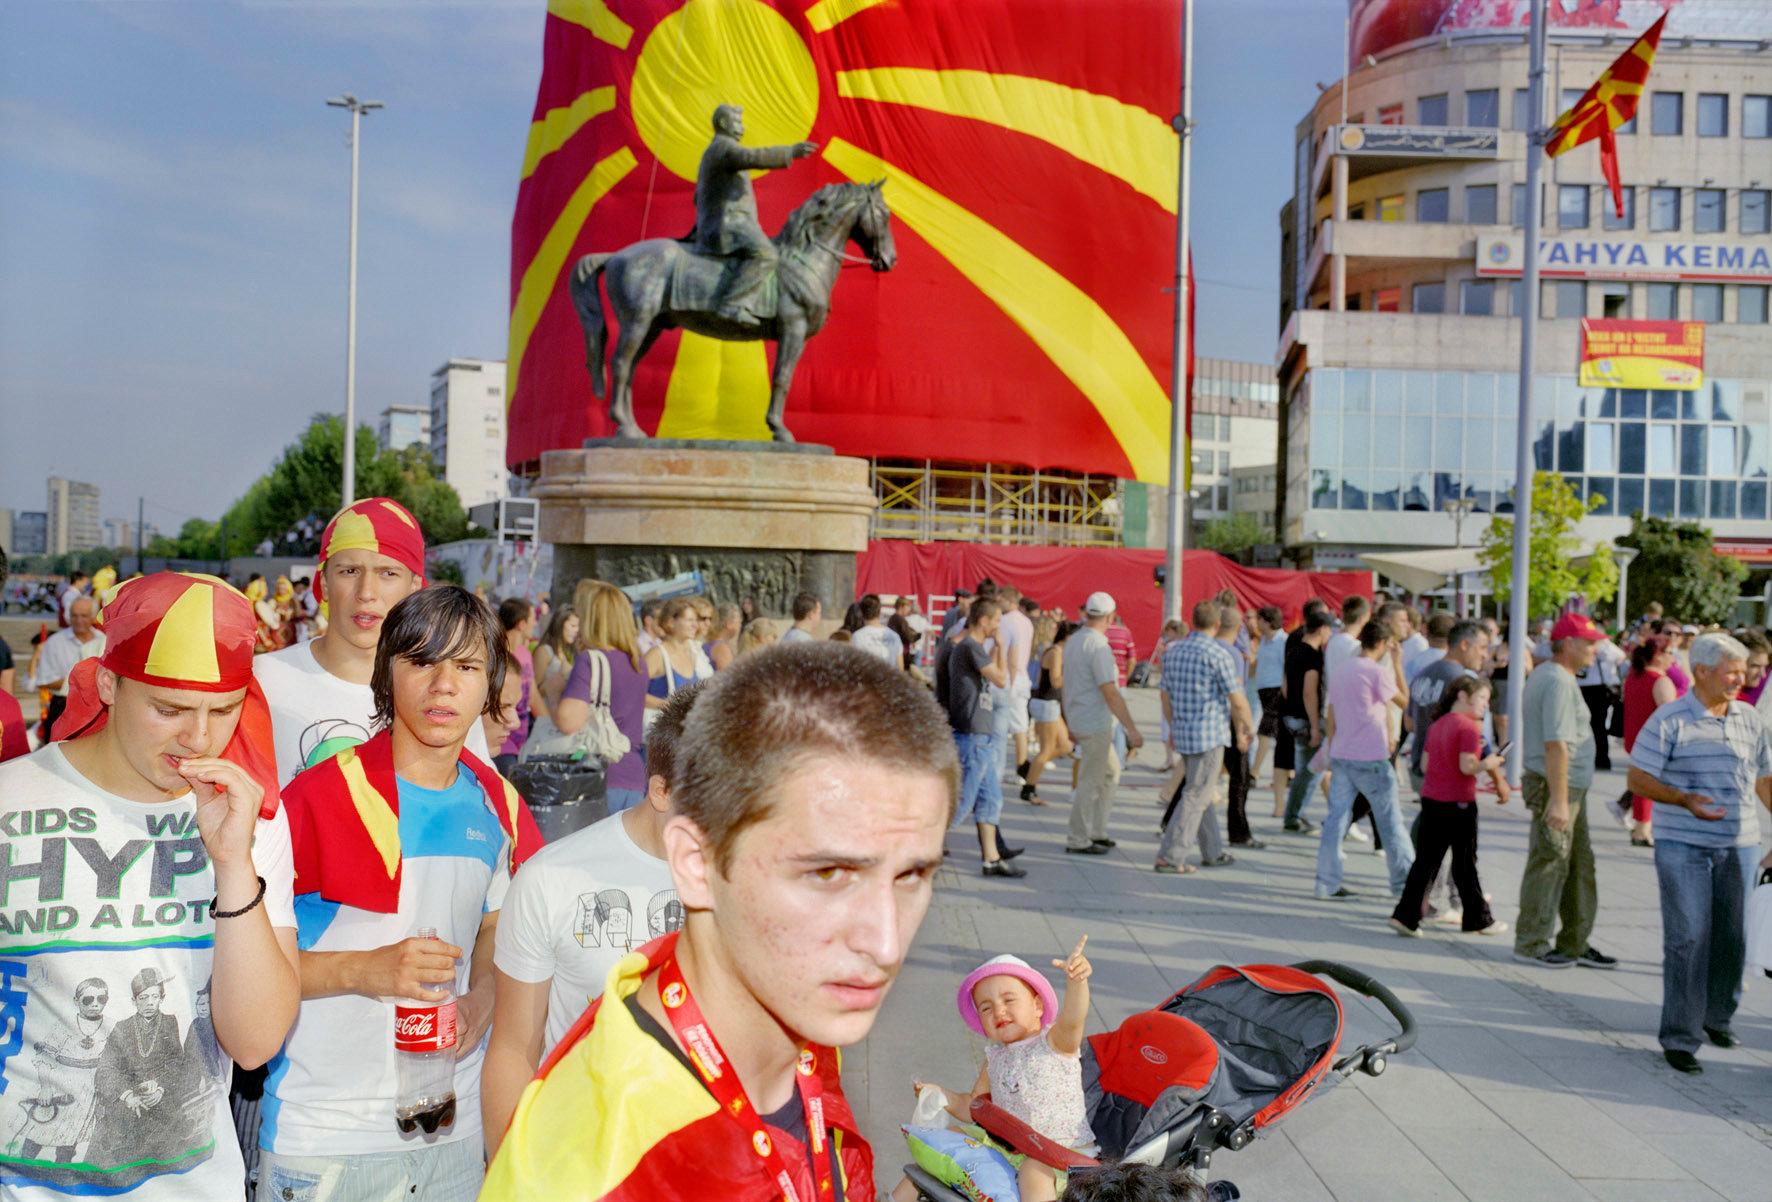 EU 1067 3 Skopje, met vlaggen 2 kopie.jpg